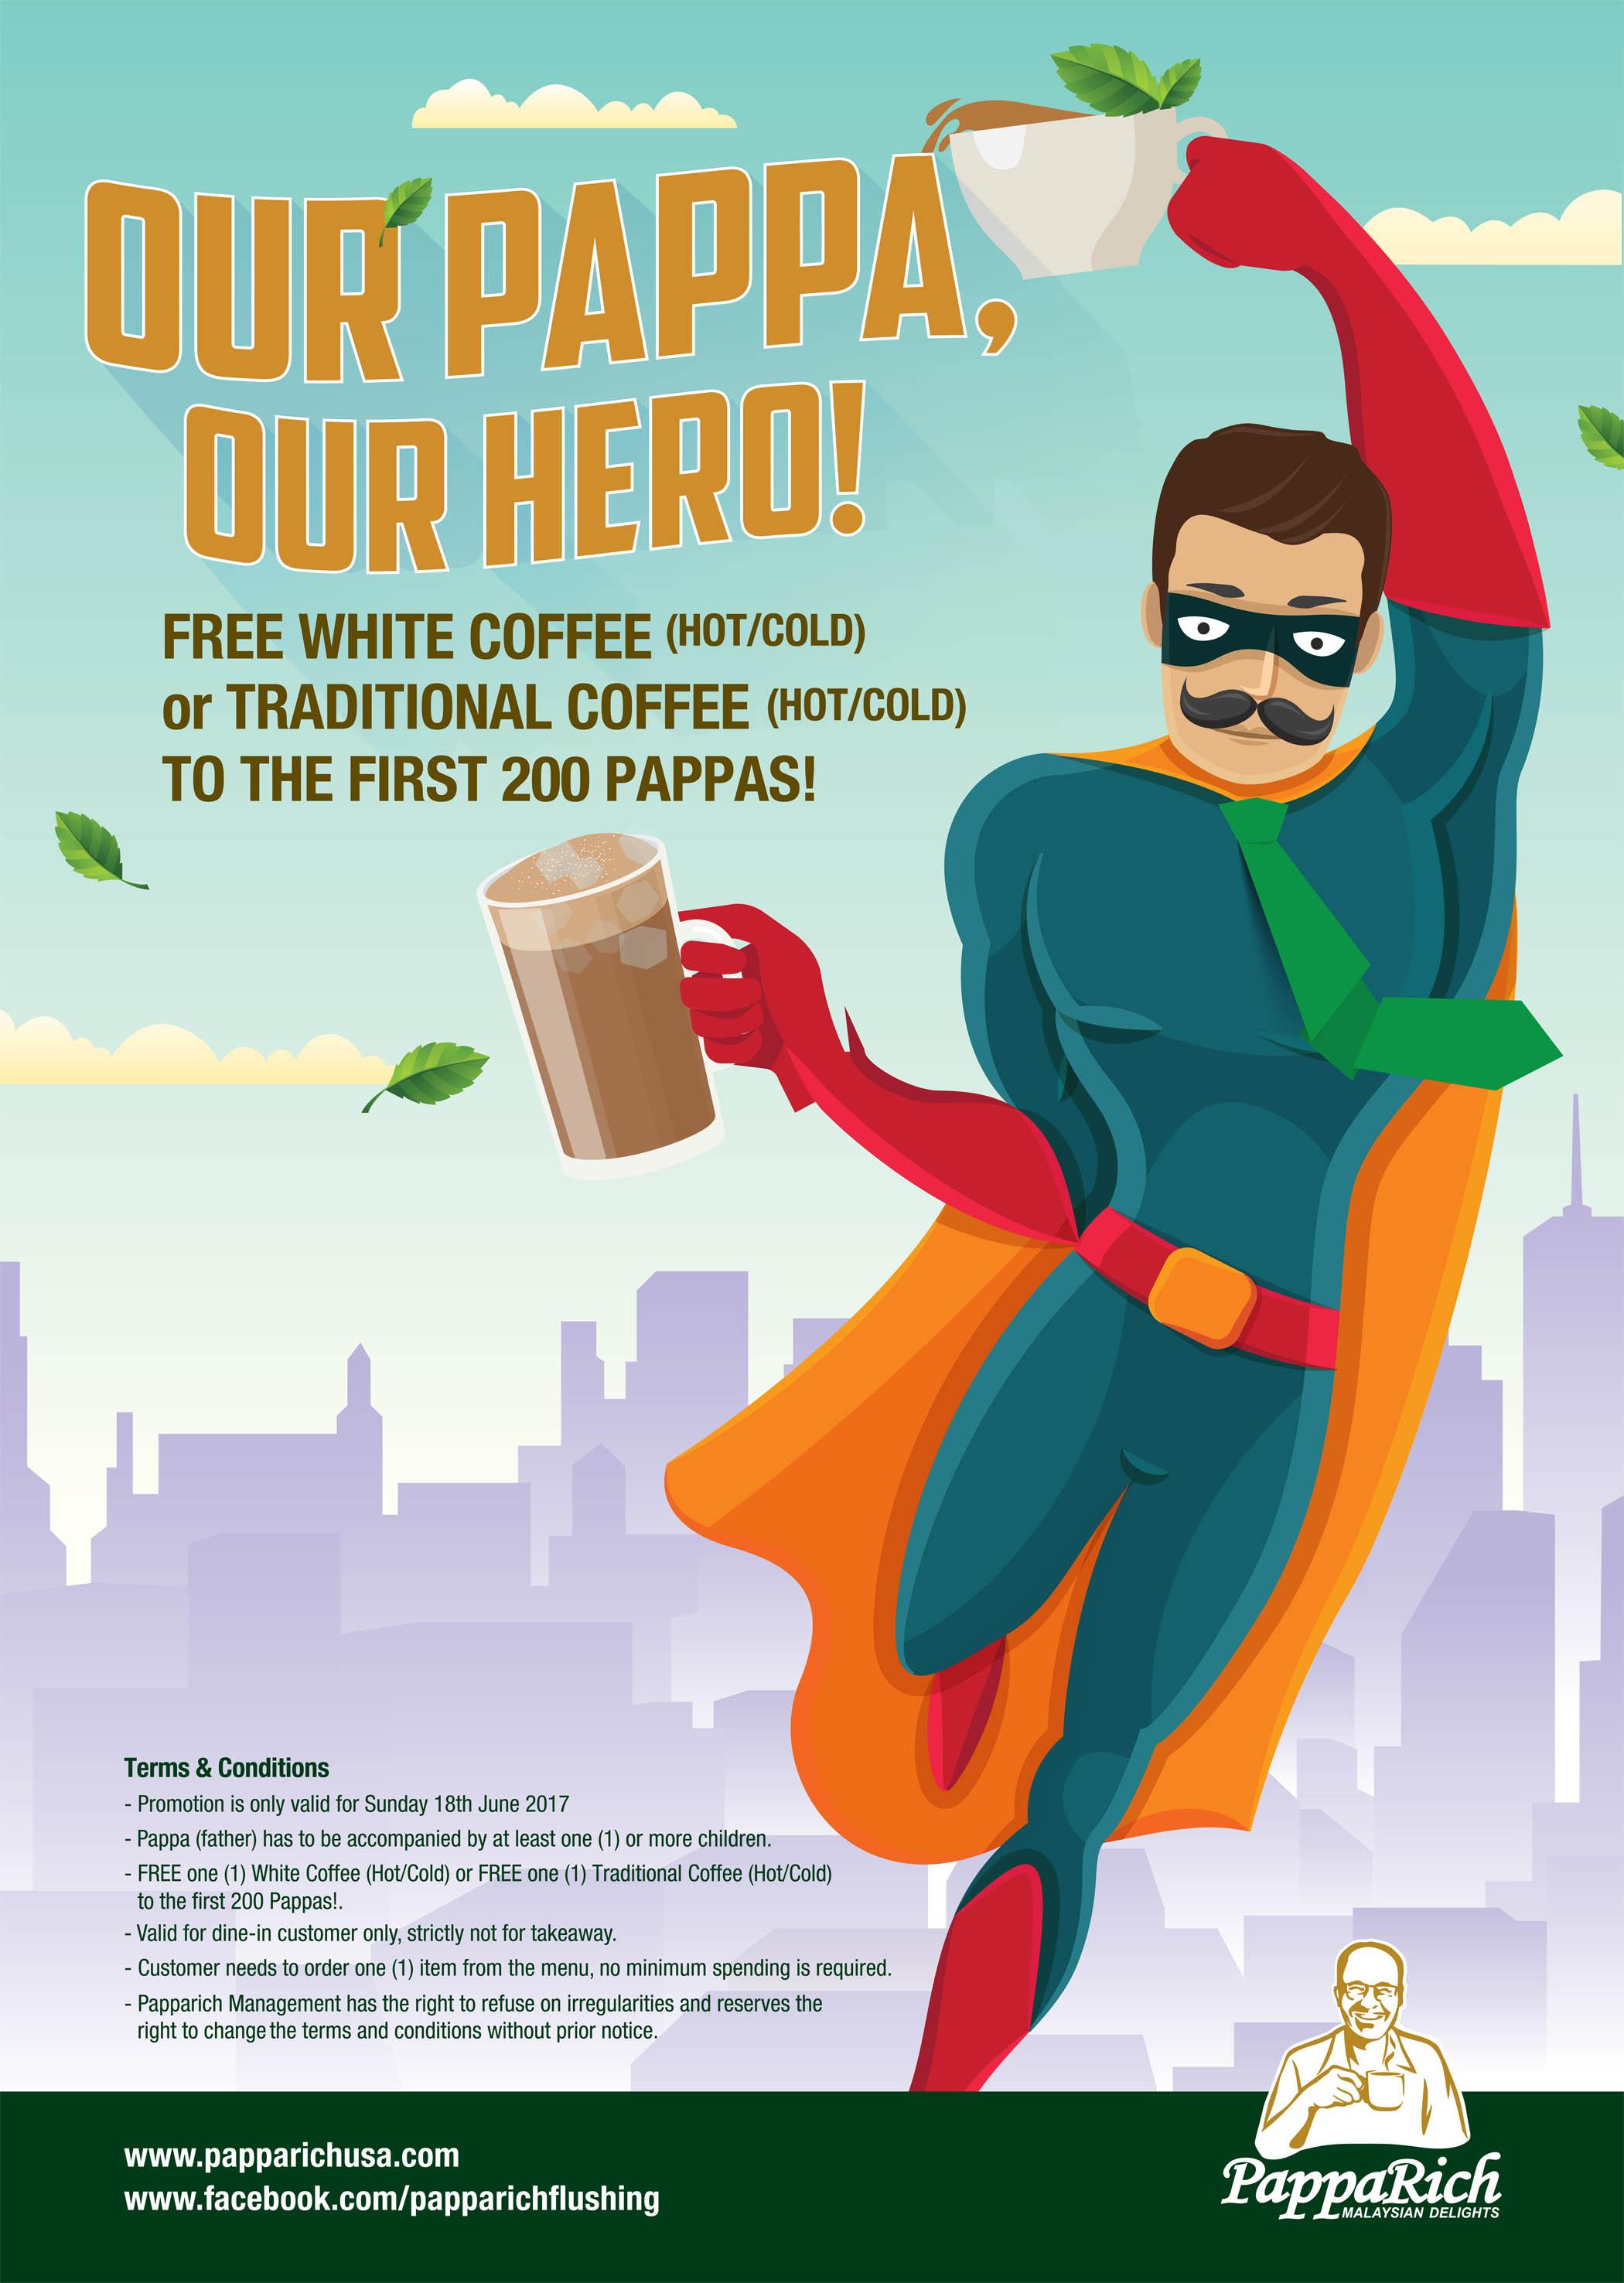 [好消息]父亲节带爸爸去喝免费白咖啡